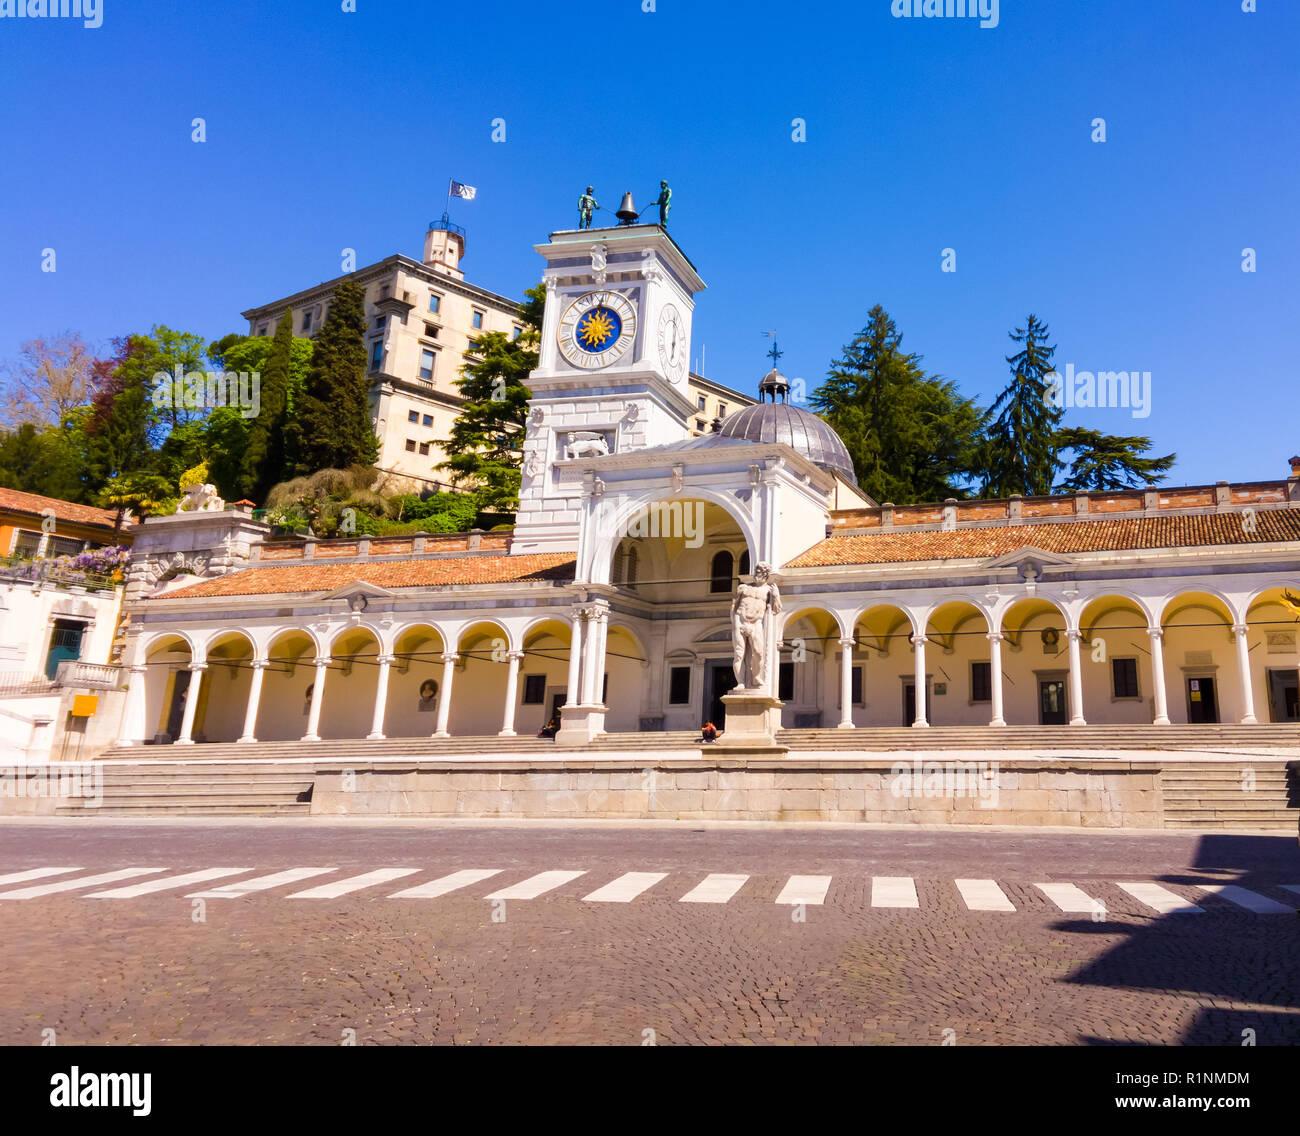 Clock tower and castle in Piazza Liberta, Udine, Friuli Venezia-Giulia, Italy - Stock Image